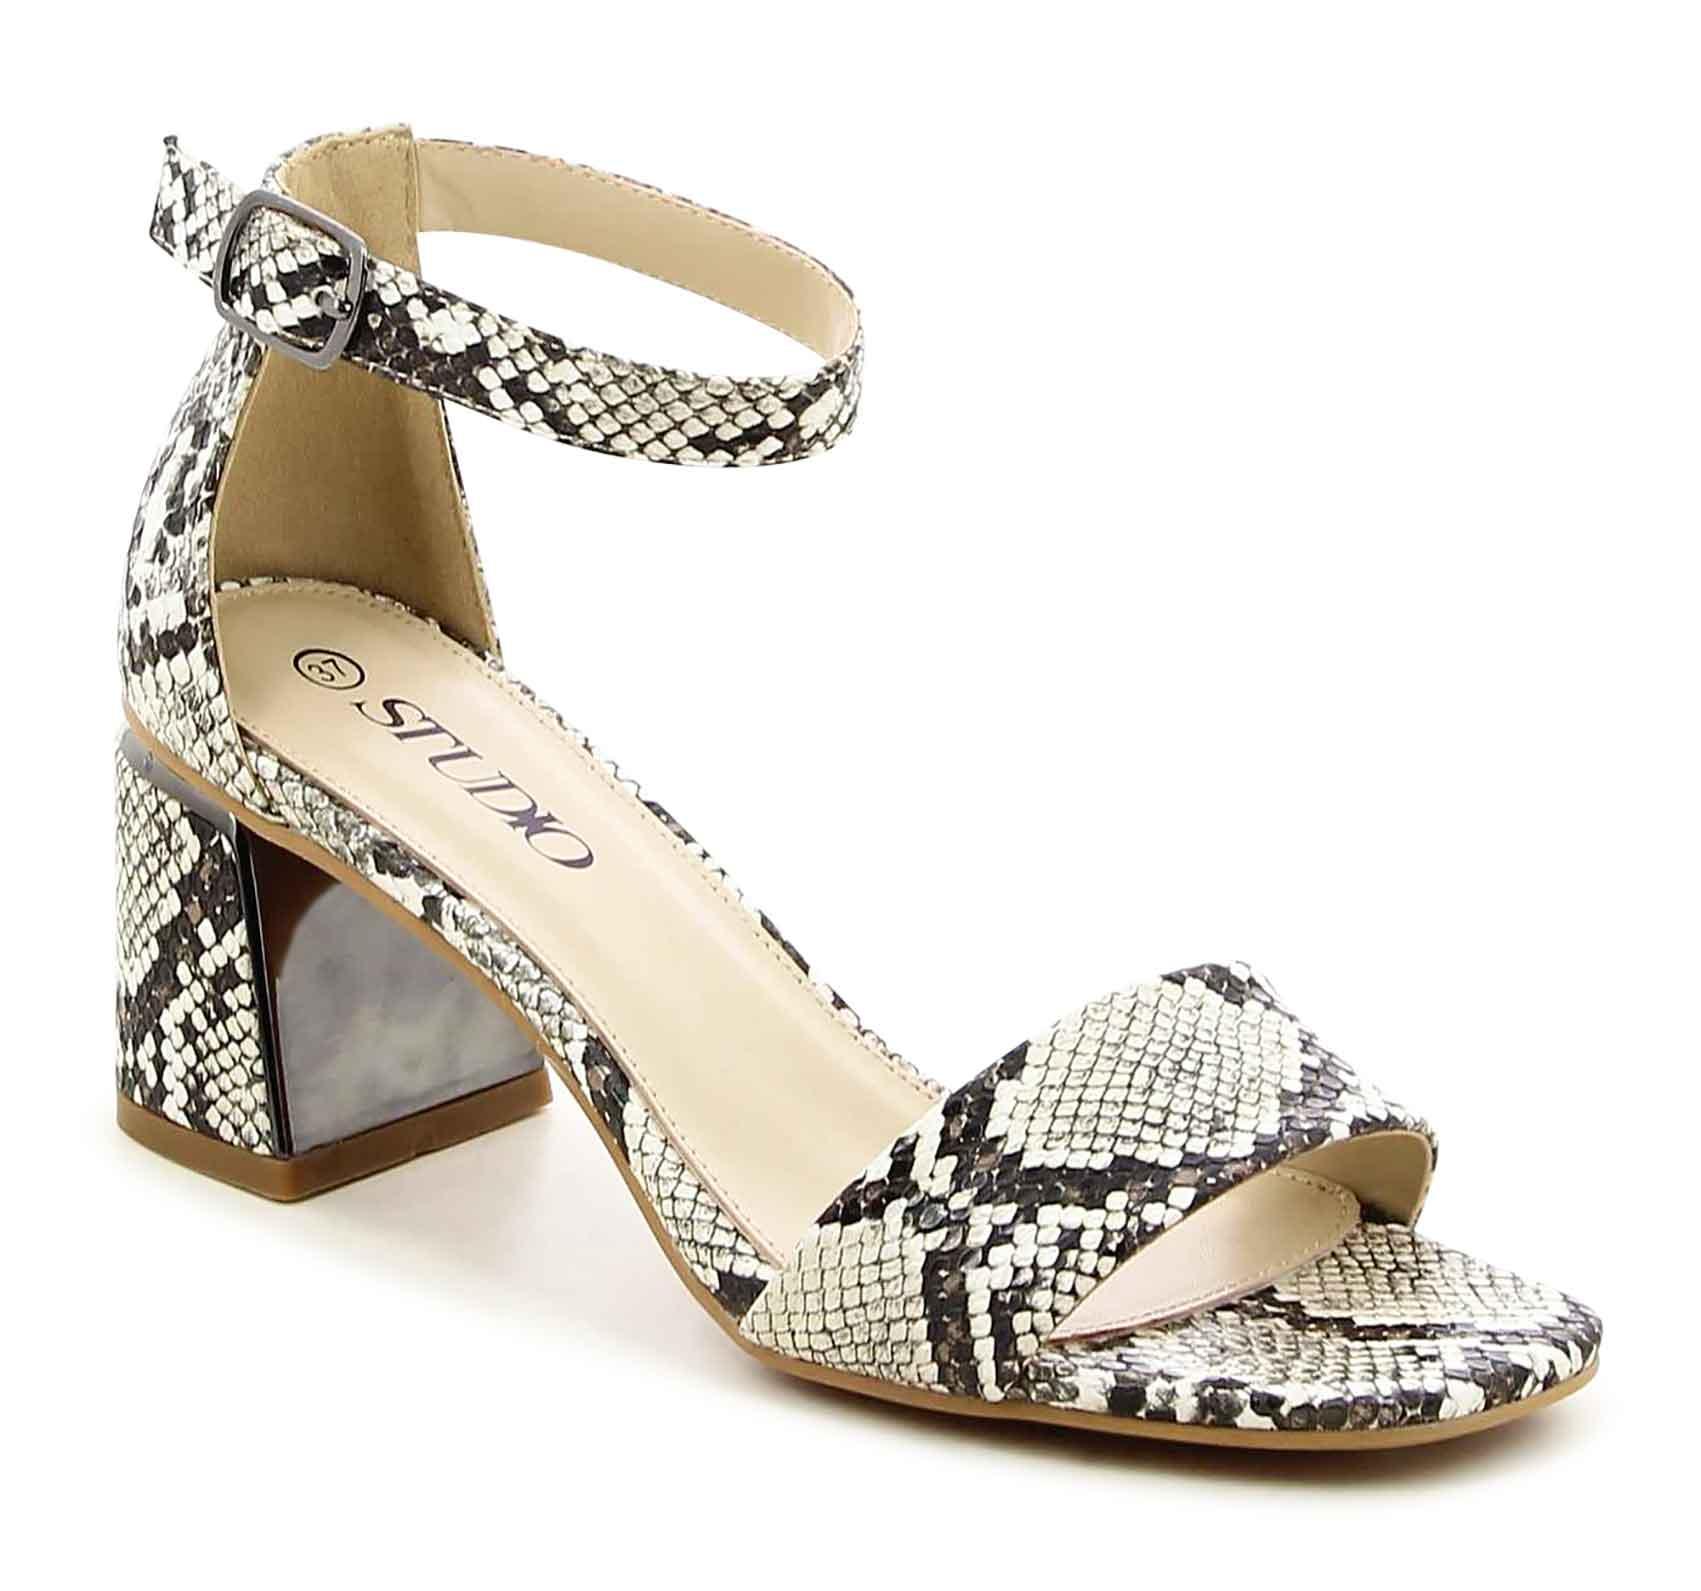 נעלי גלי. מחיר 99.90 במקום 199.90 שקל. צילום גל ביטון